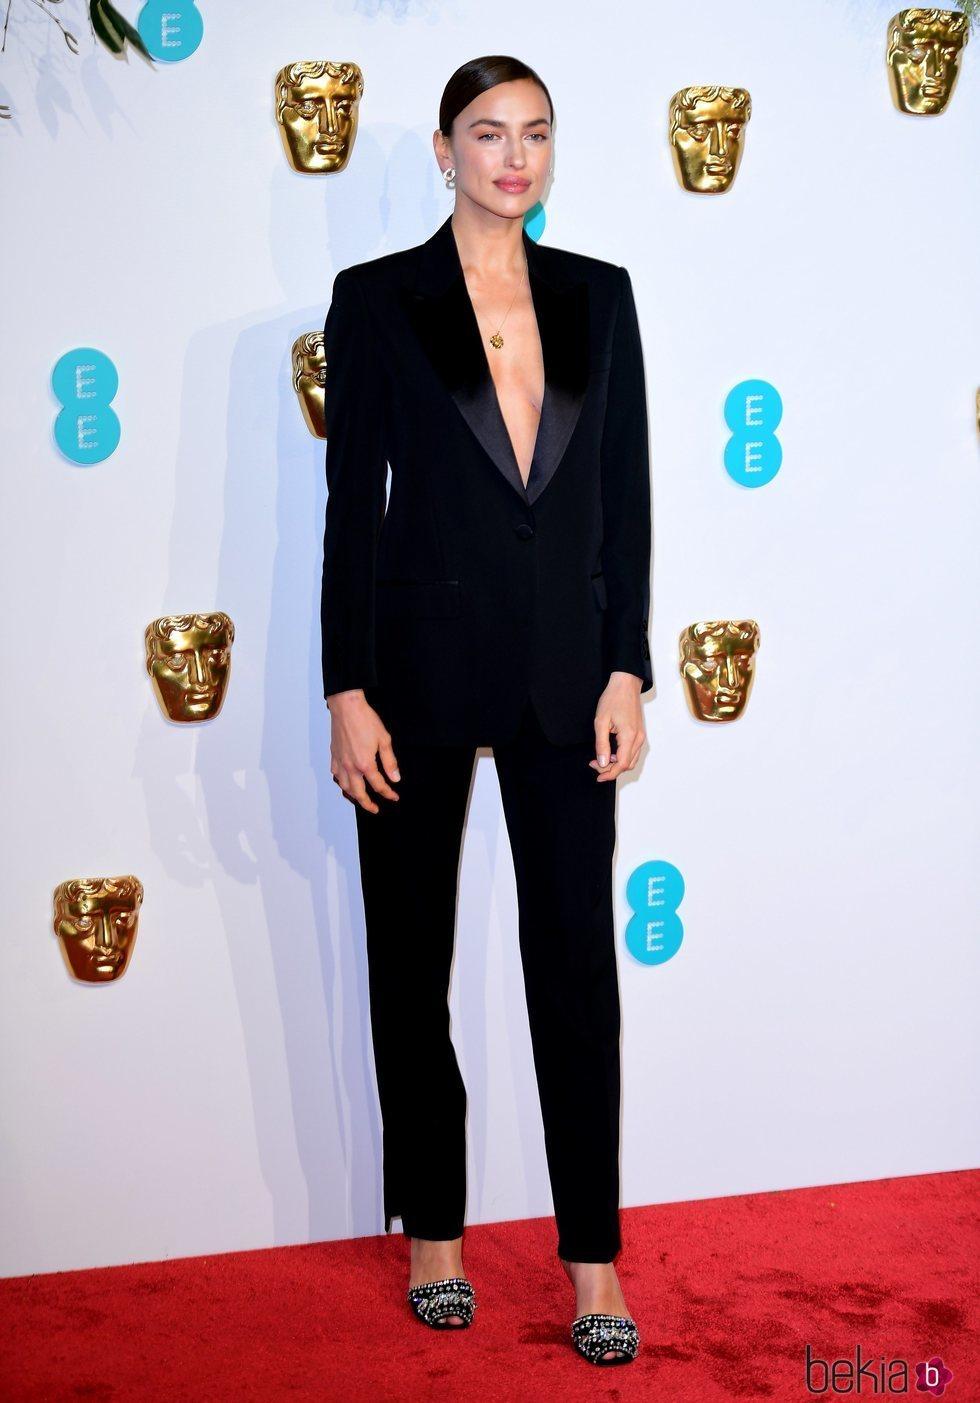 Irina Shayk en la alfombra roja de los Premios BAFTA 2019